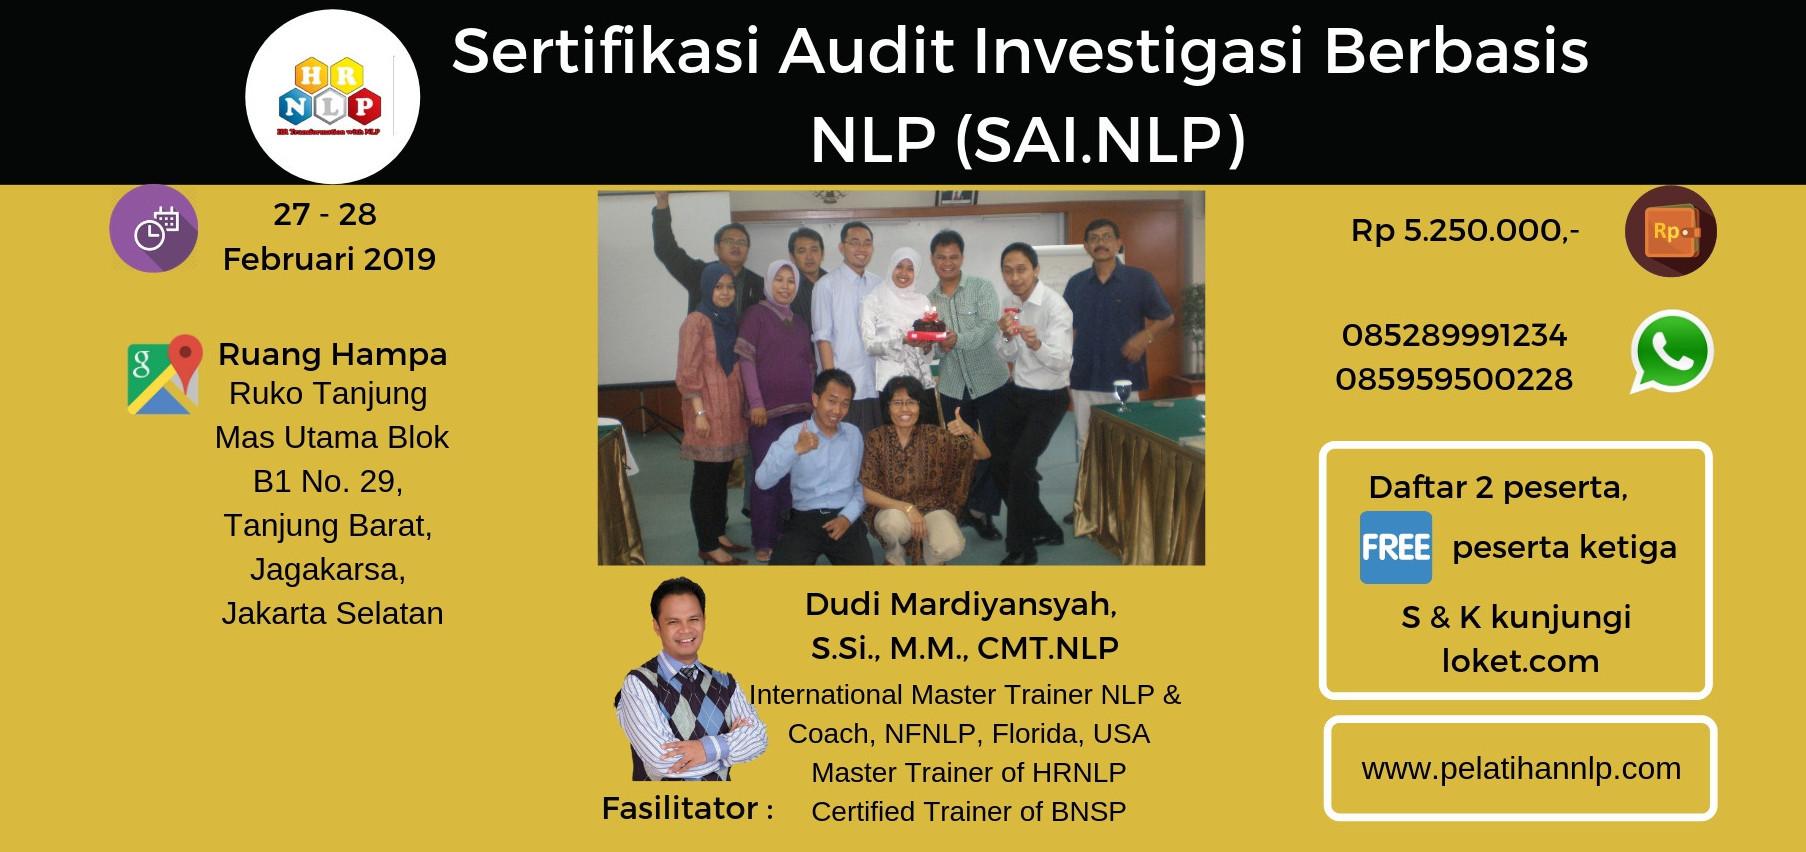 Jual Tiket Sertifikasi Audit Investigasi Berbasis Nlp Sai Nlp Loket Com